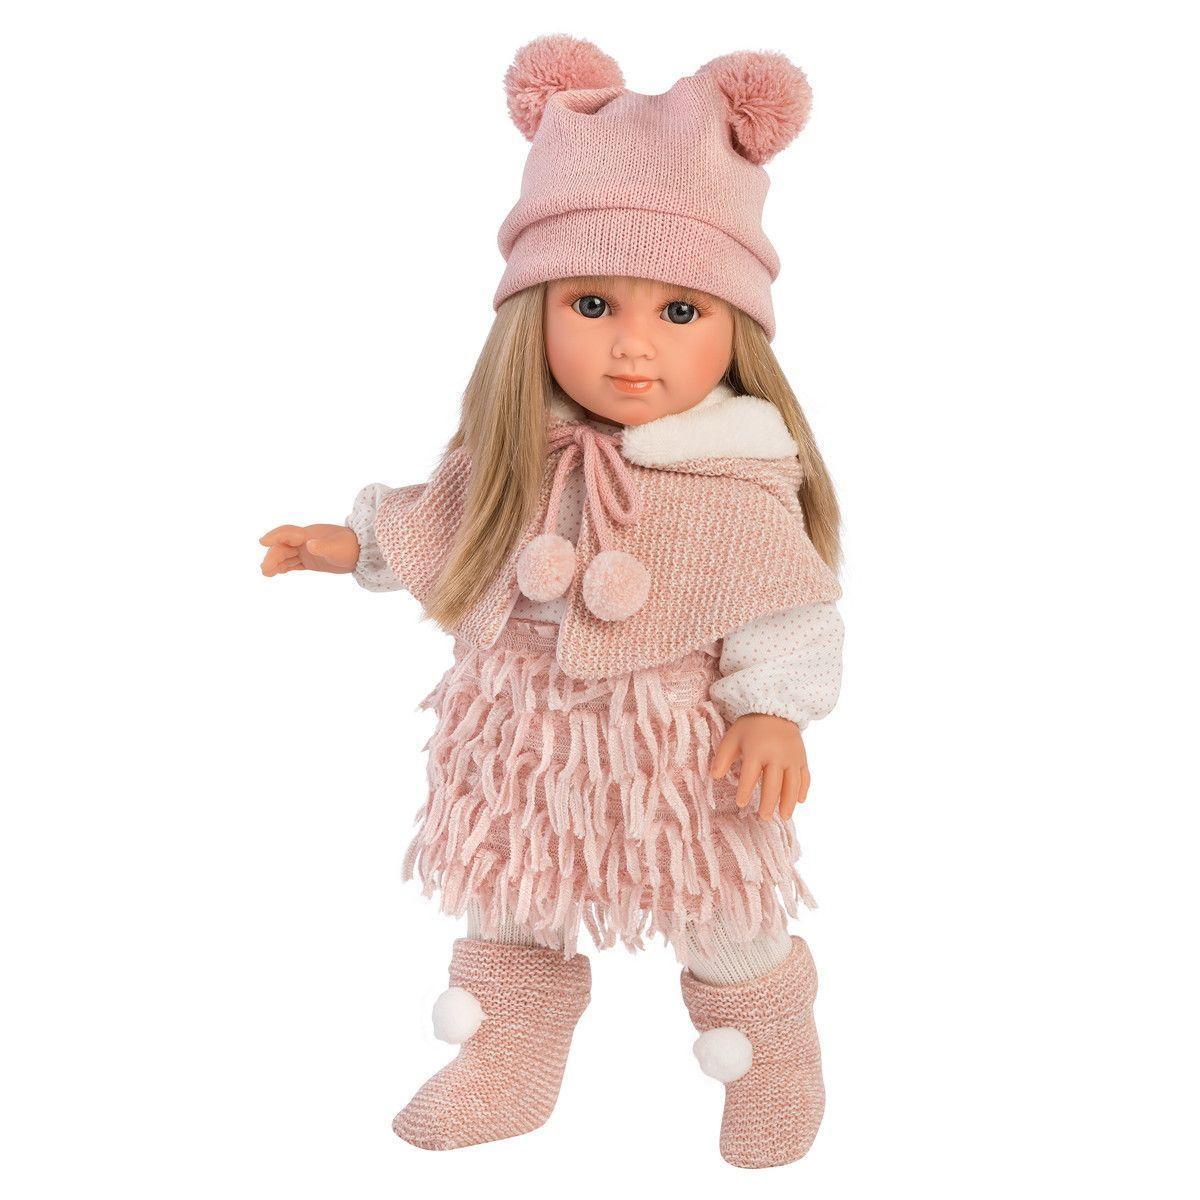 Кукла Елена 35 см, блондинка в розовом костюме (LLORENS, Испания) - фото 1